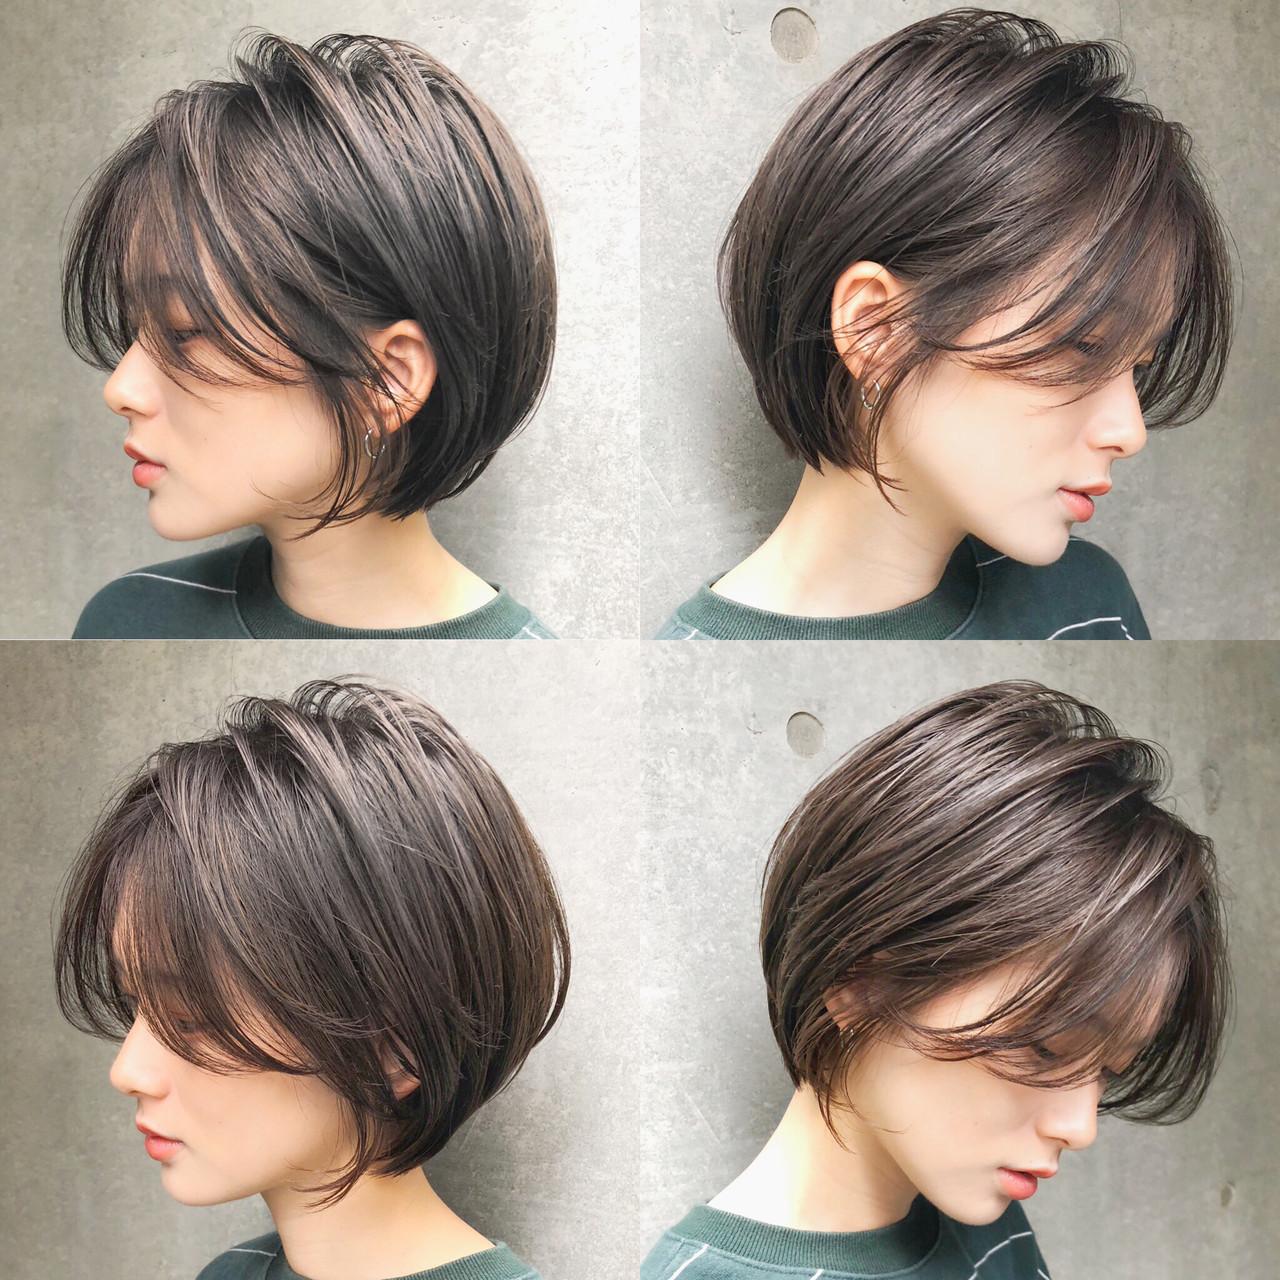 アンニュイほつれヘア 簡単ヘアアレンジ ナチュラル ヘアアレンジ ヘアスタイルや髪型の写真・画像